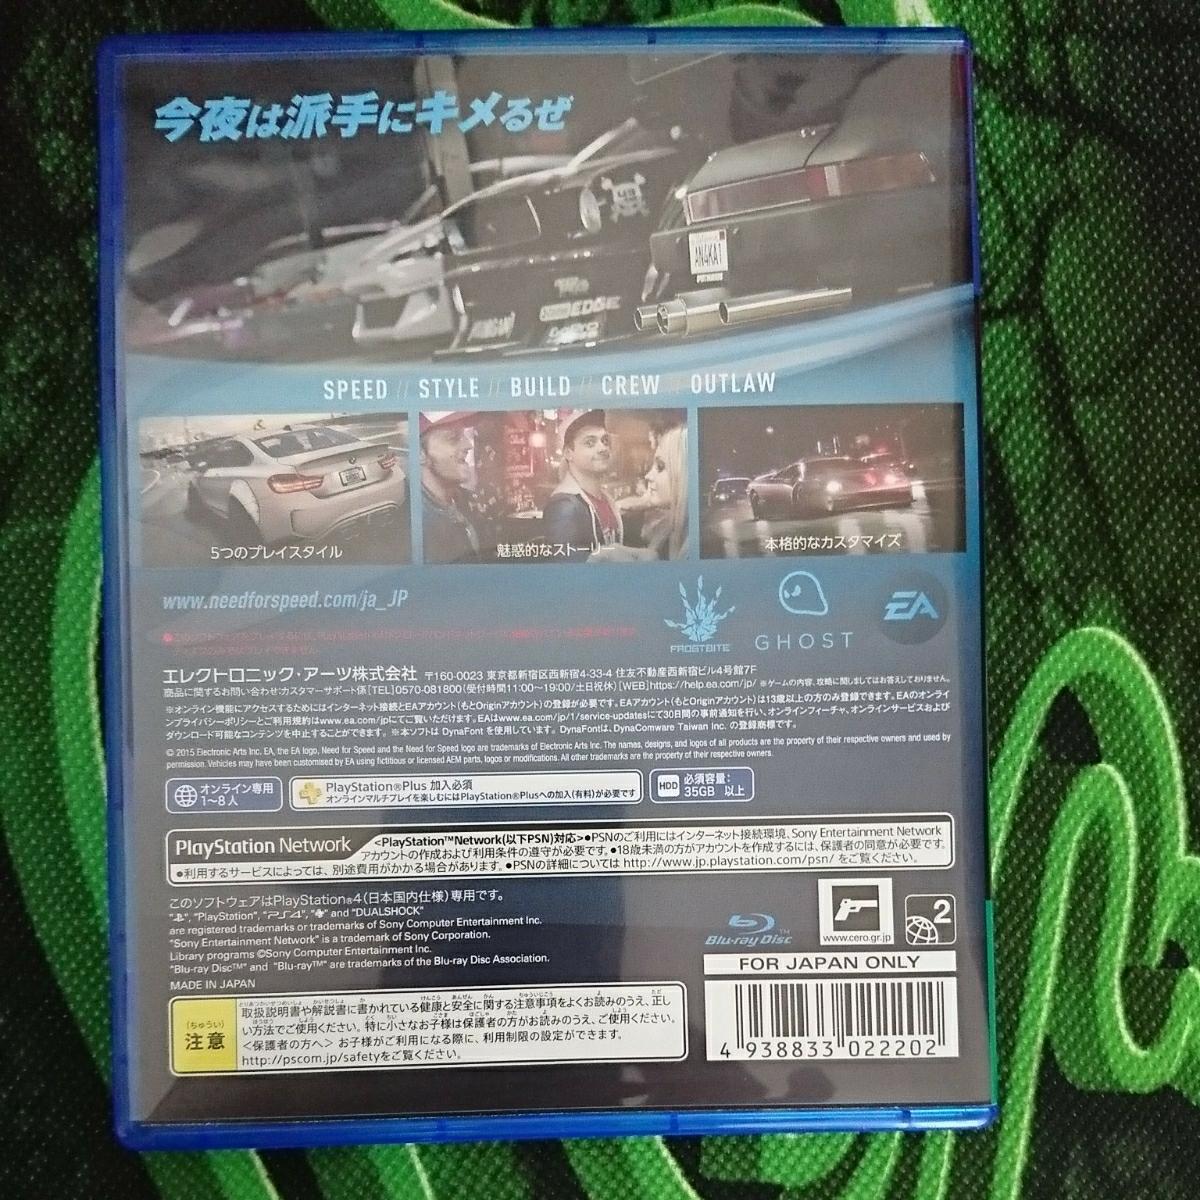 美品 Need For Speed ニード フォー スピード2